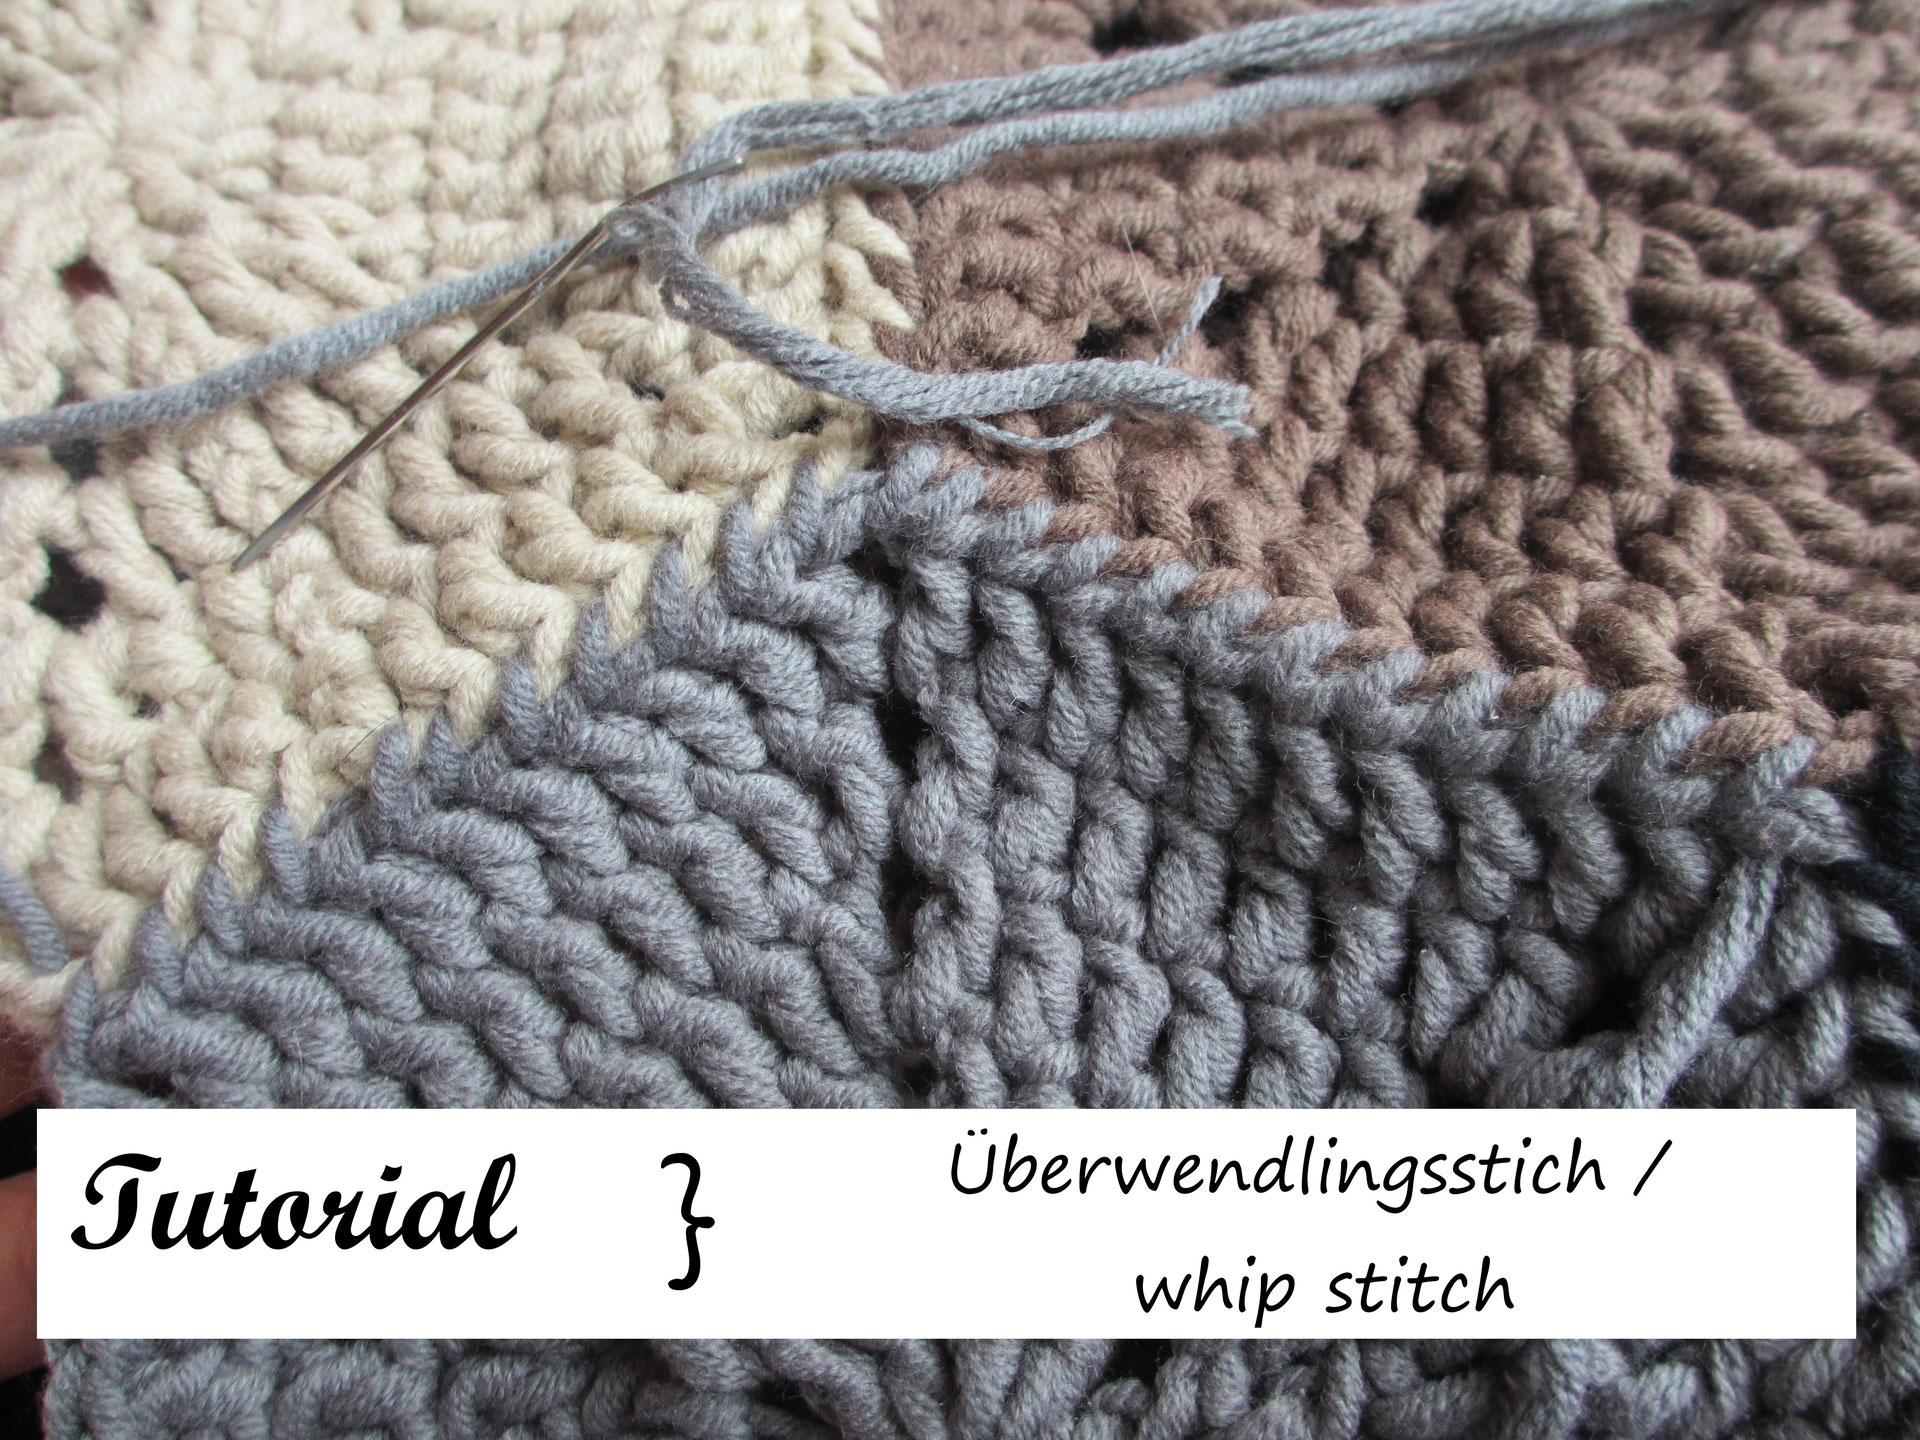 Tutorial überwendlingsstich Whip Stitch Häkeln Macht Glücklich